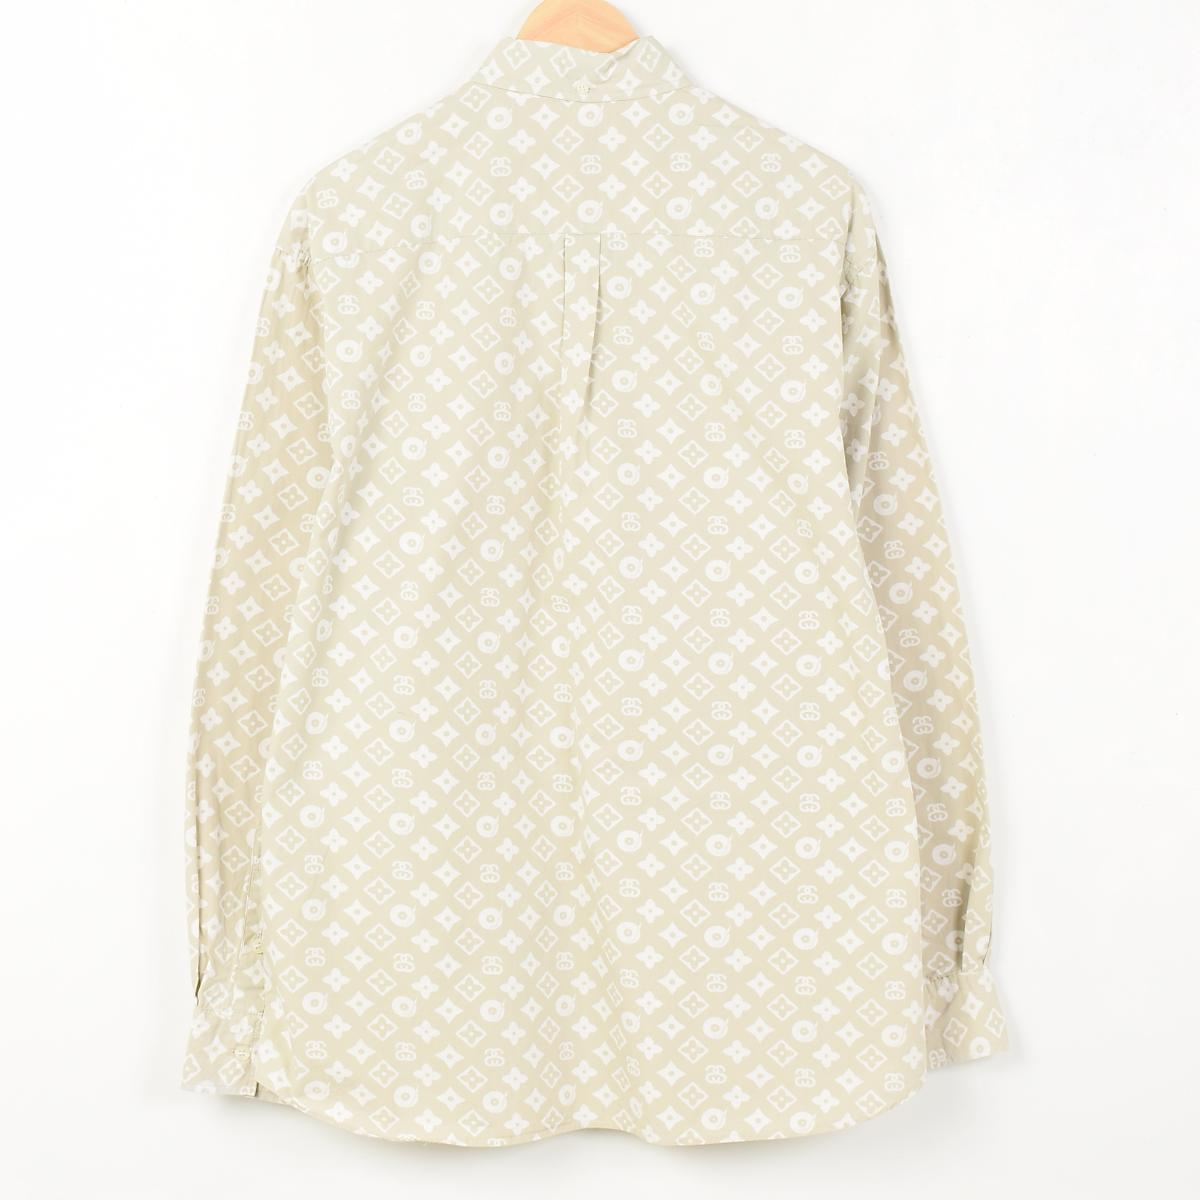 suteyushimonoguramu USA制造长袖子按钮降低衬衫人L STUSSY/wen9551 160403